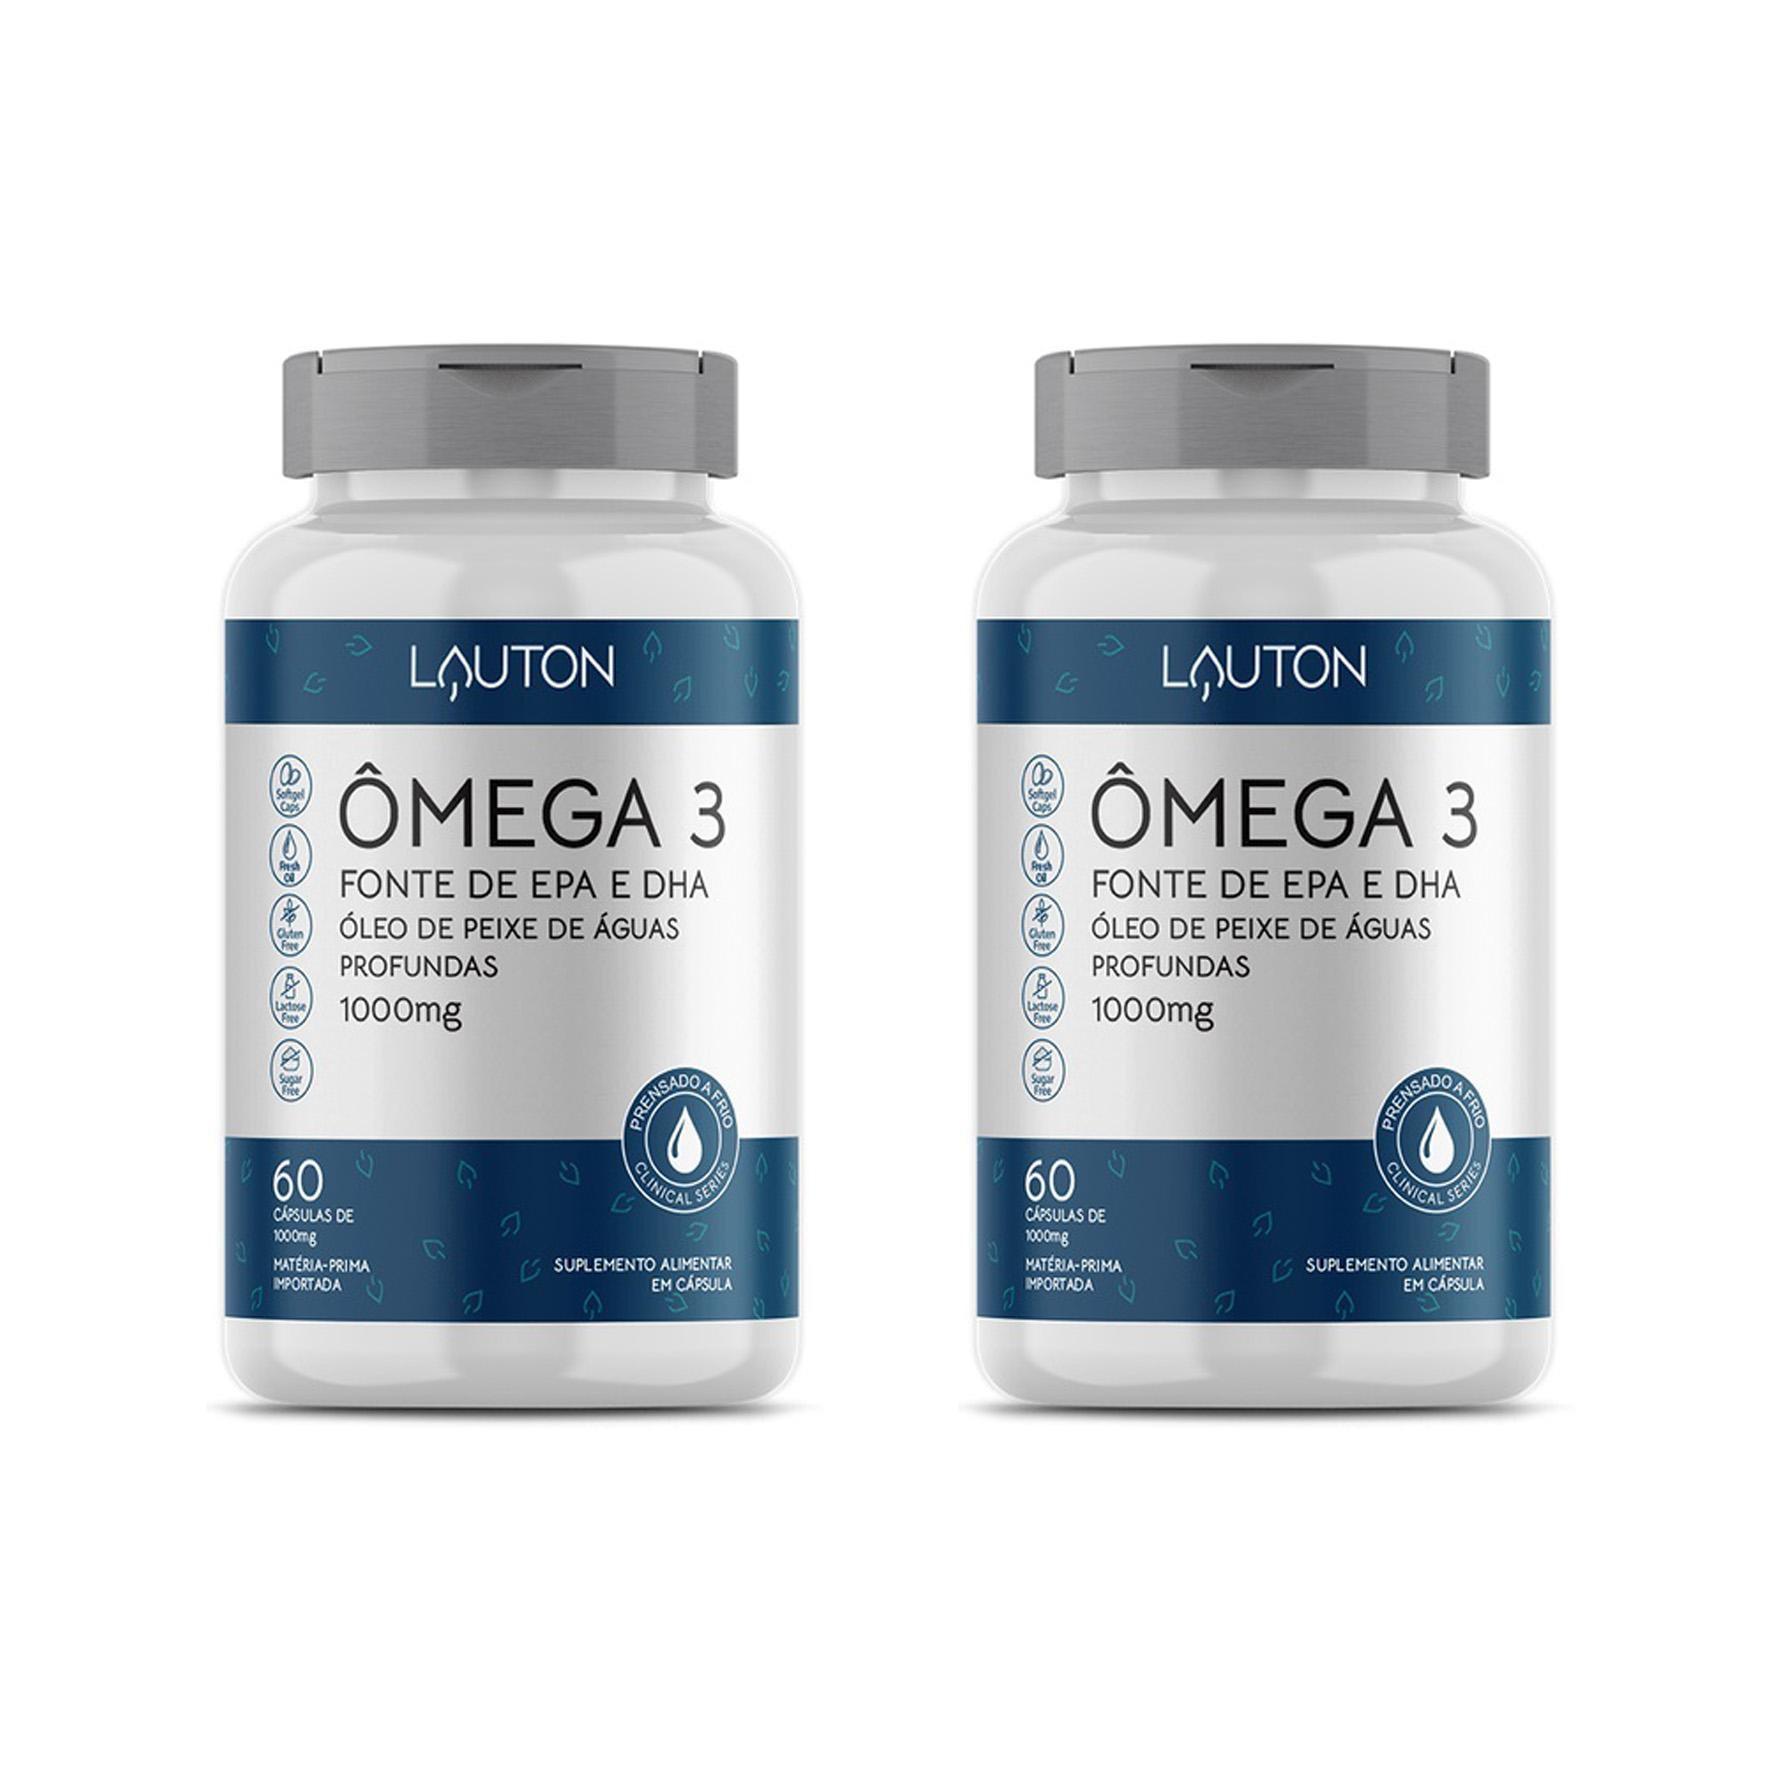 Ômega 3, Fonte de EPA e DHA - 60 Cápsulas - Lauton Nutrition (2 Unidades)